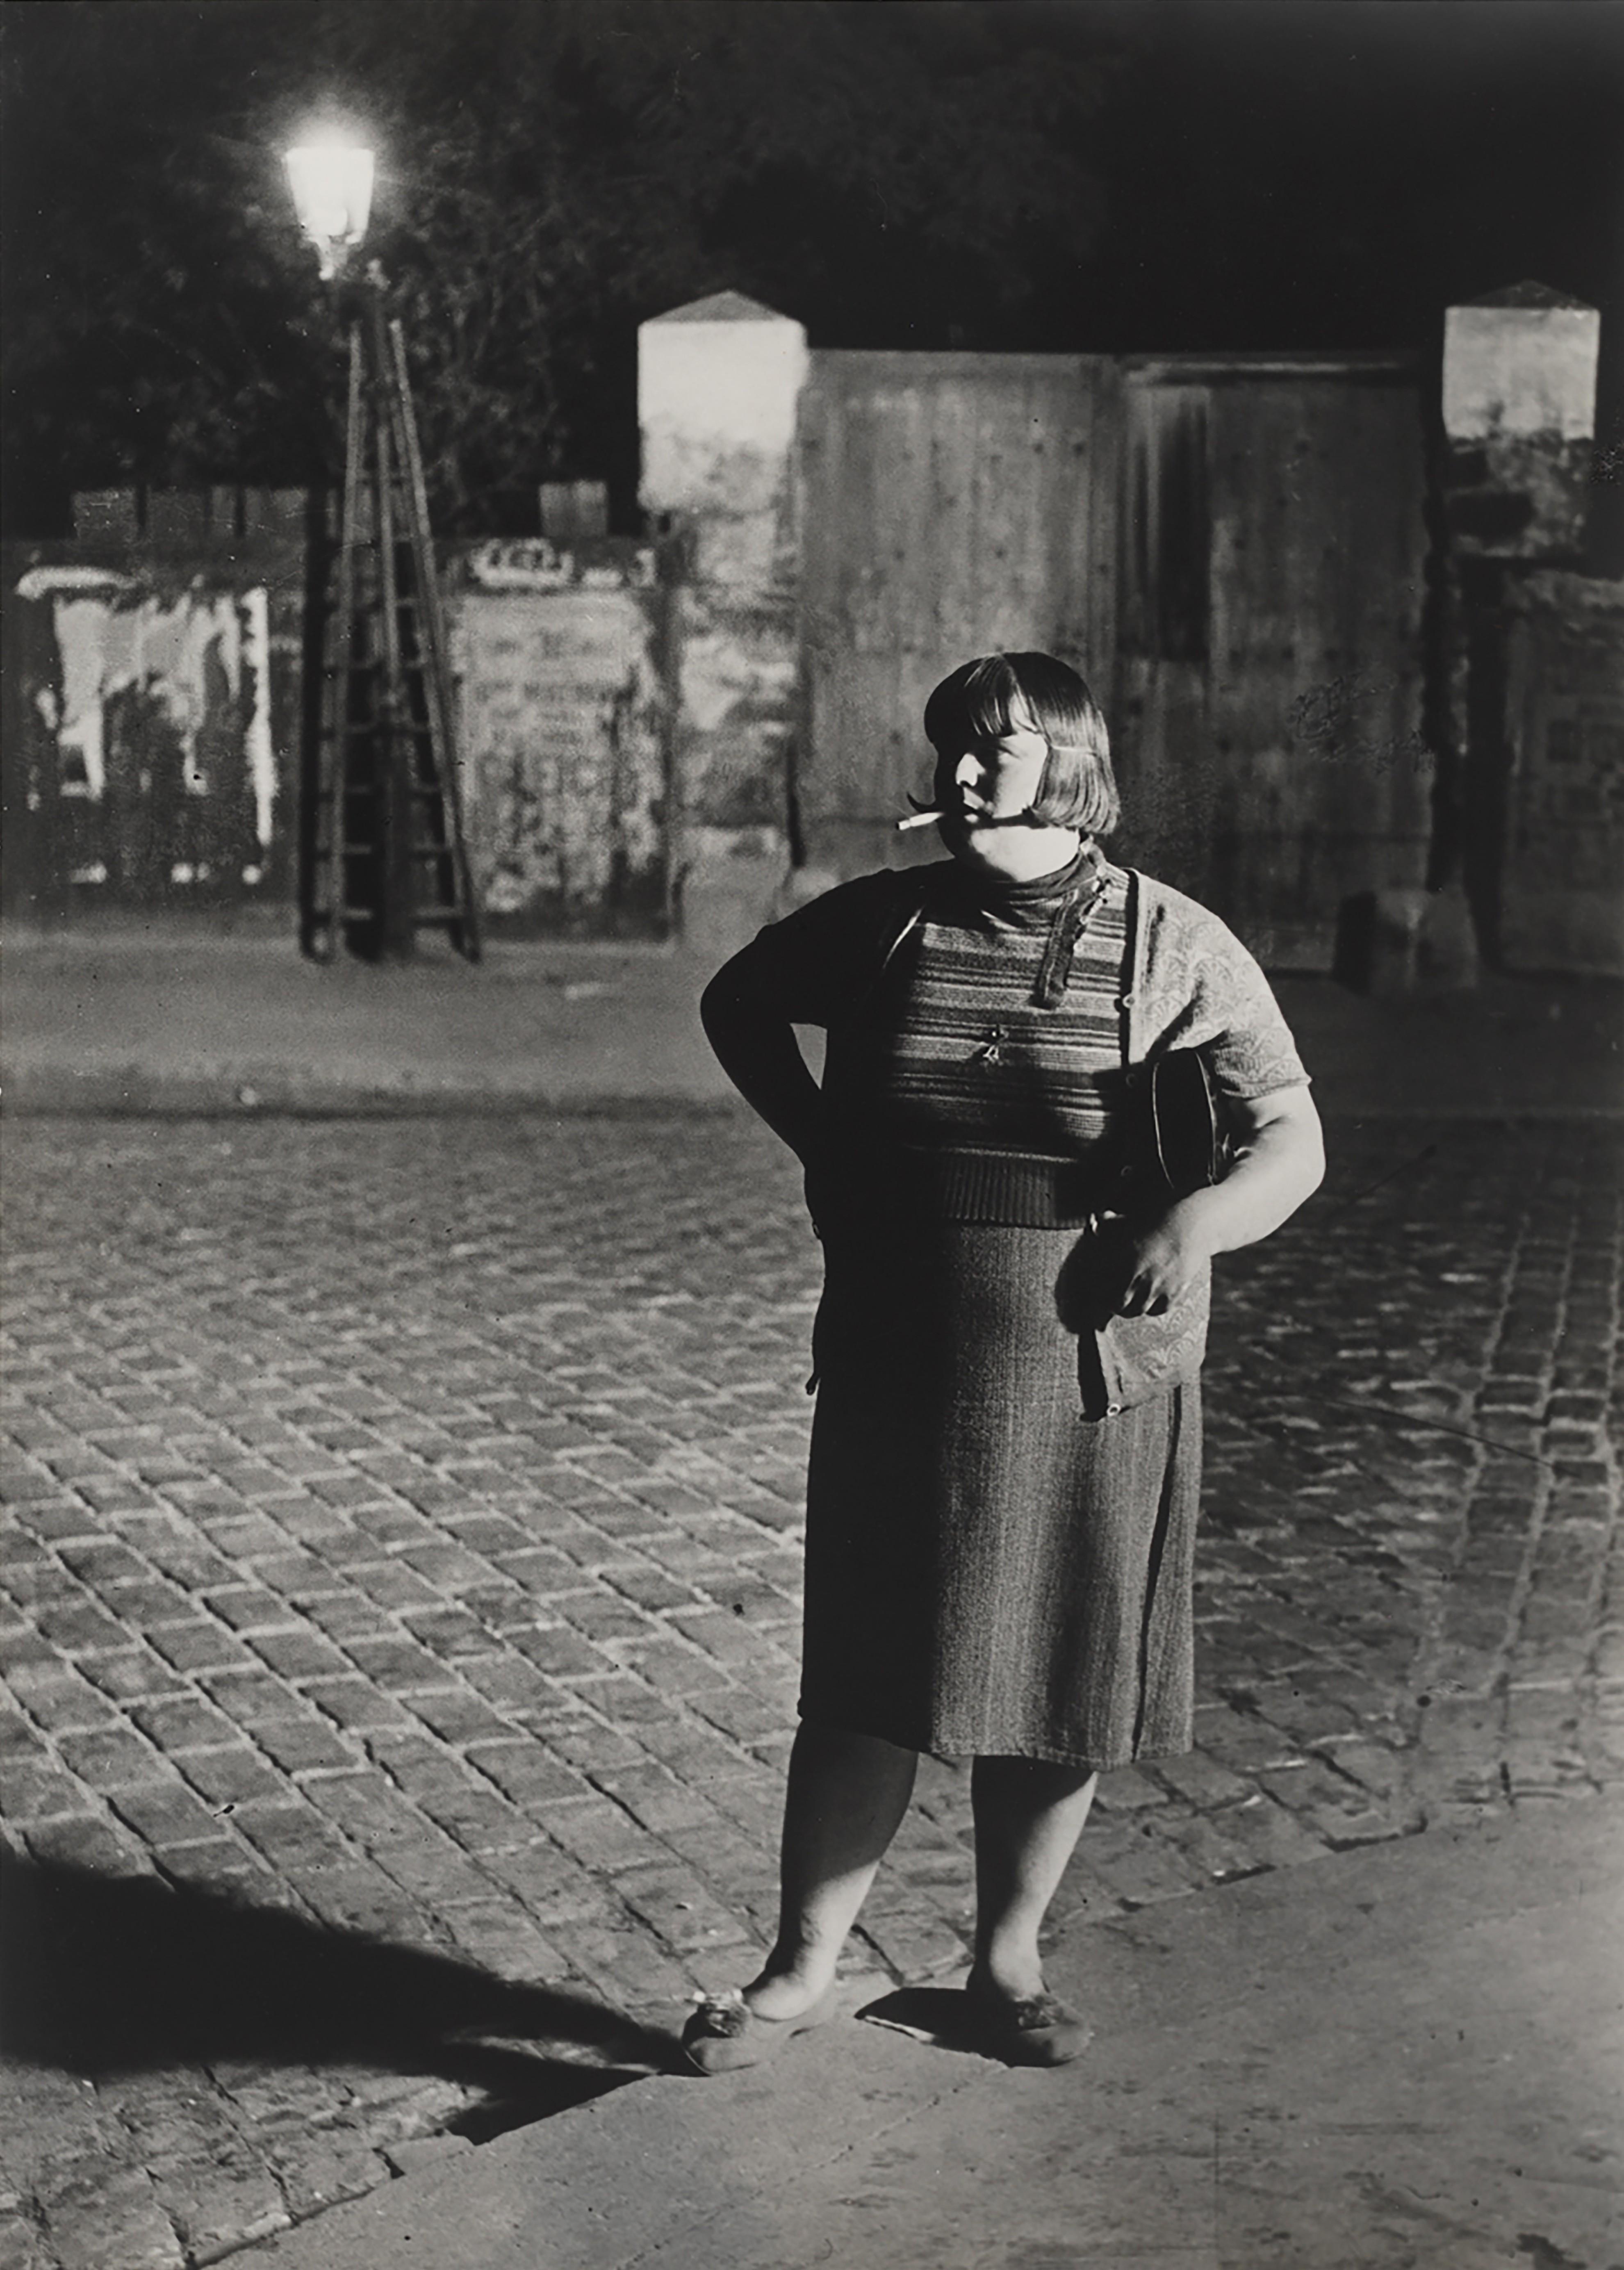 Прогуливающаяся, Итальянский квартал, 1932. Фотограф Брассаи